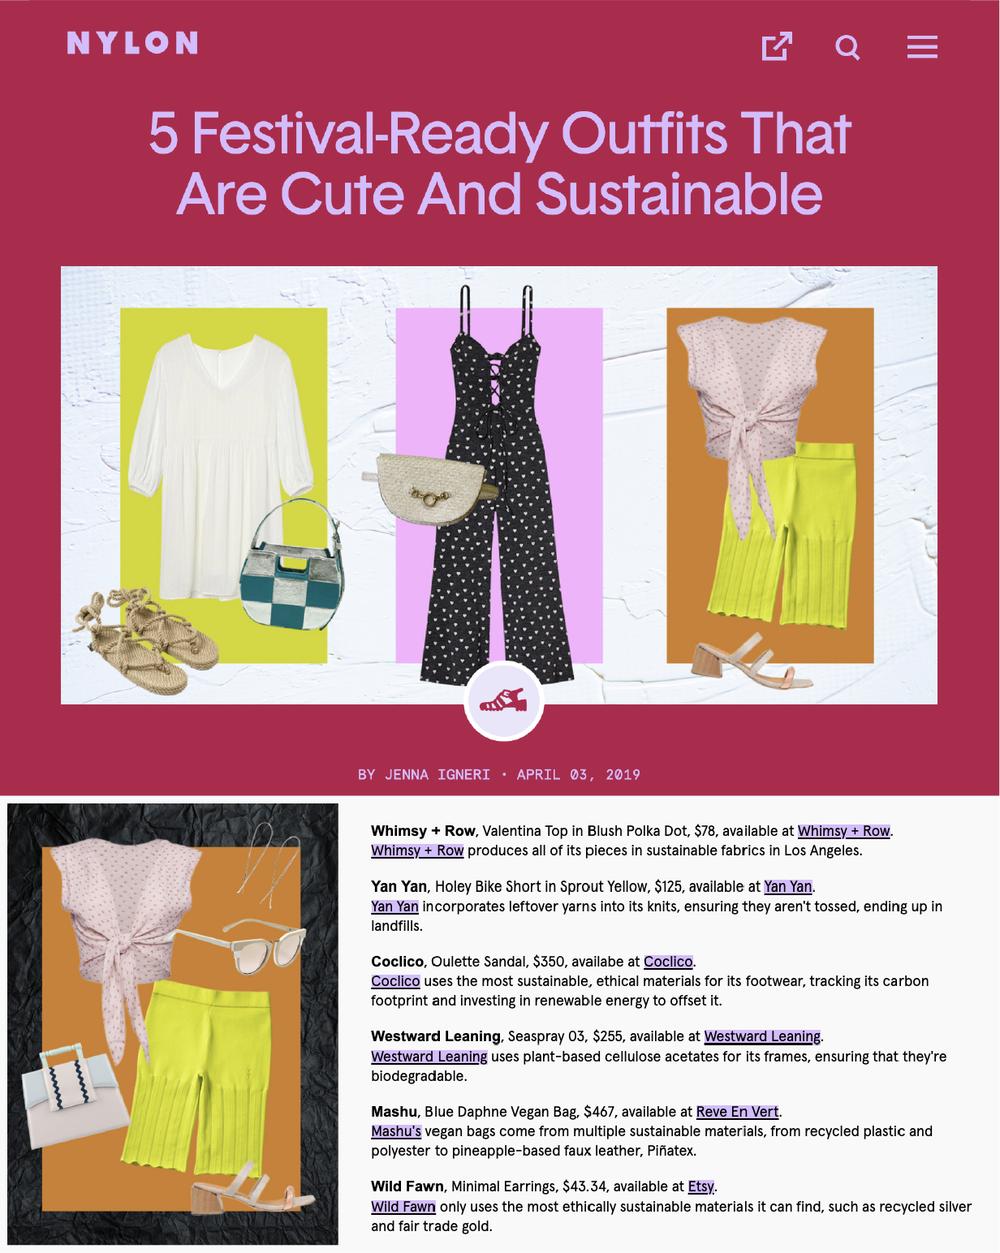 https://nylon.com/sustainable-festival-dressing